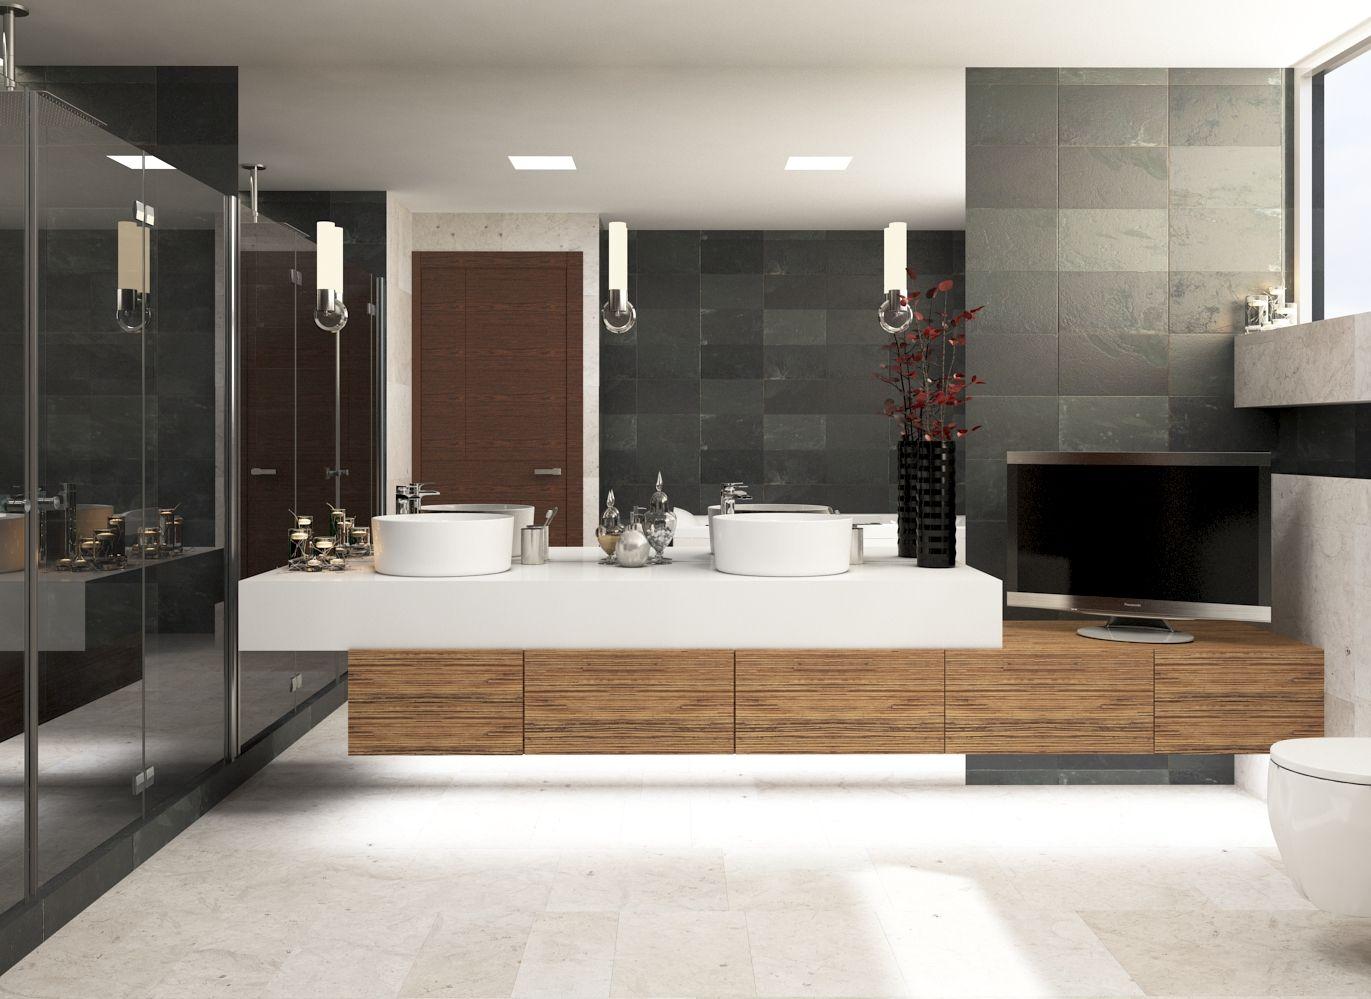 Dise o interior moderno contempor neo ba o principal for Banos modernos diseno interior